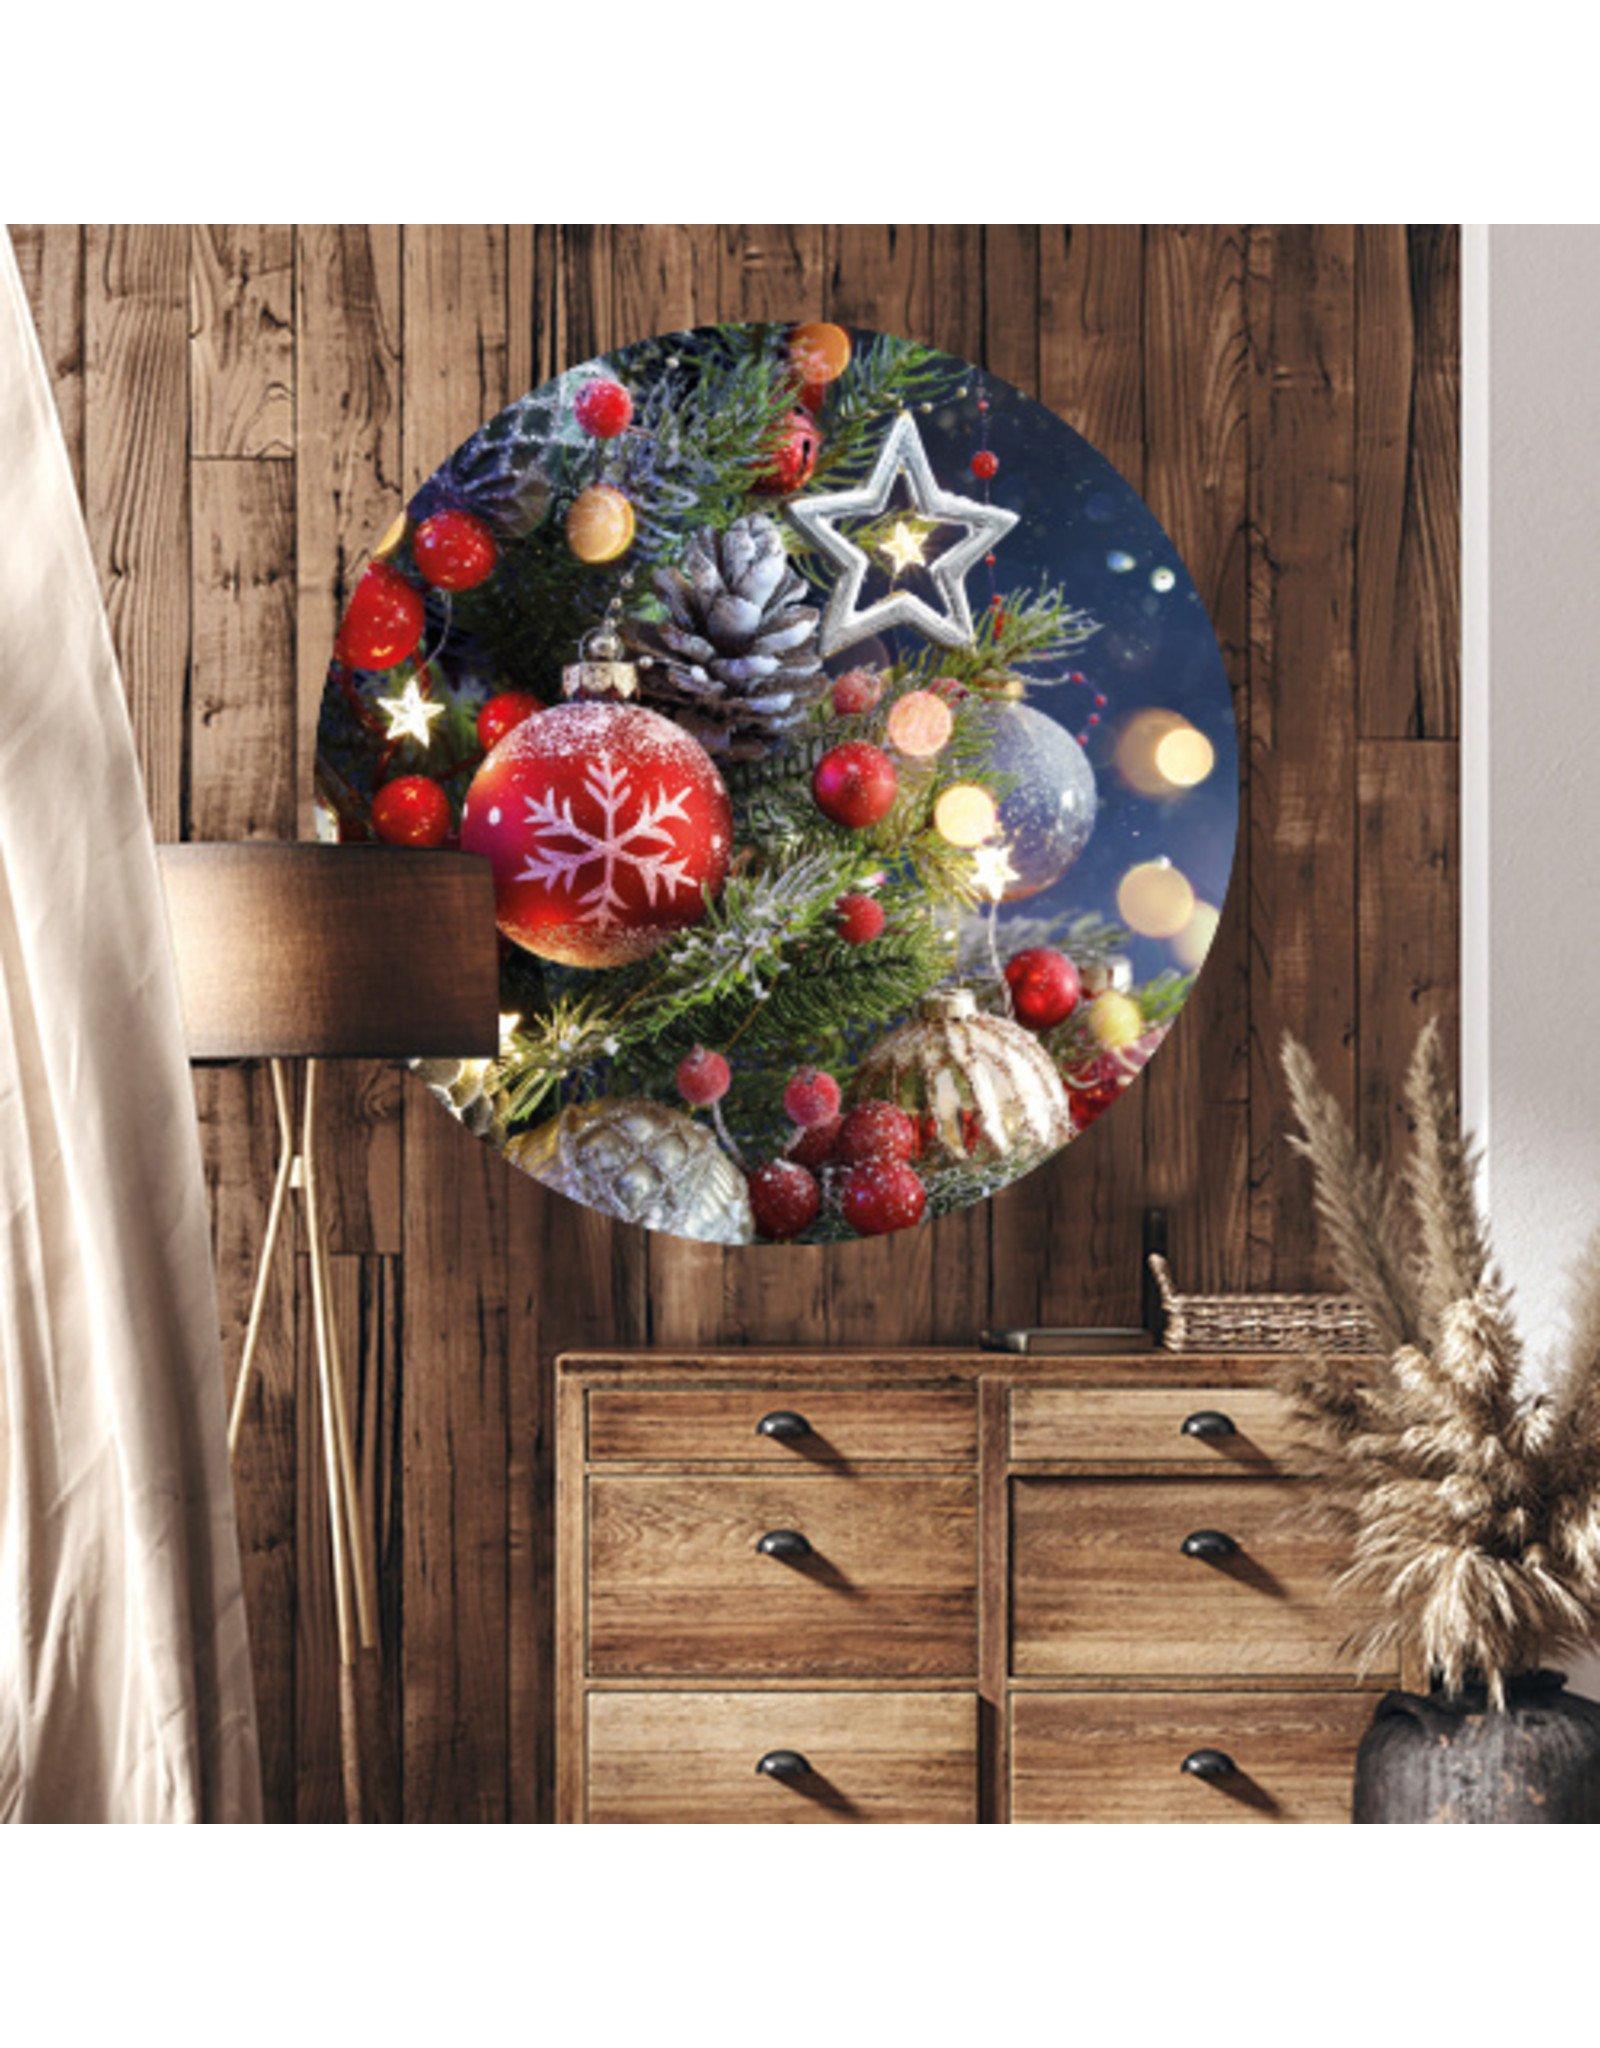 Dunnebier Home Muursticker Kerst - verwijderbaar